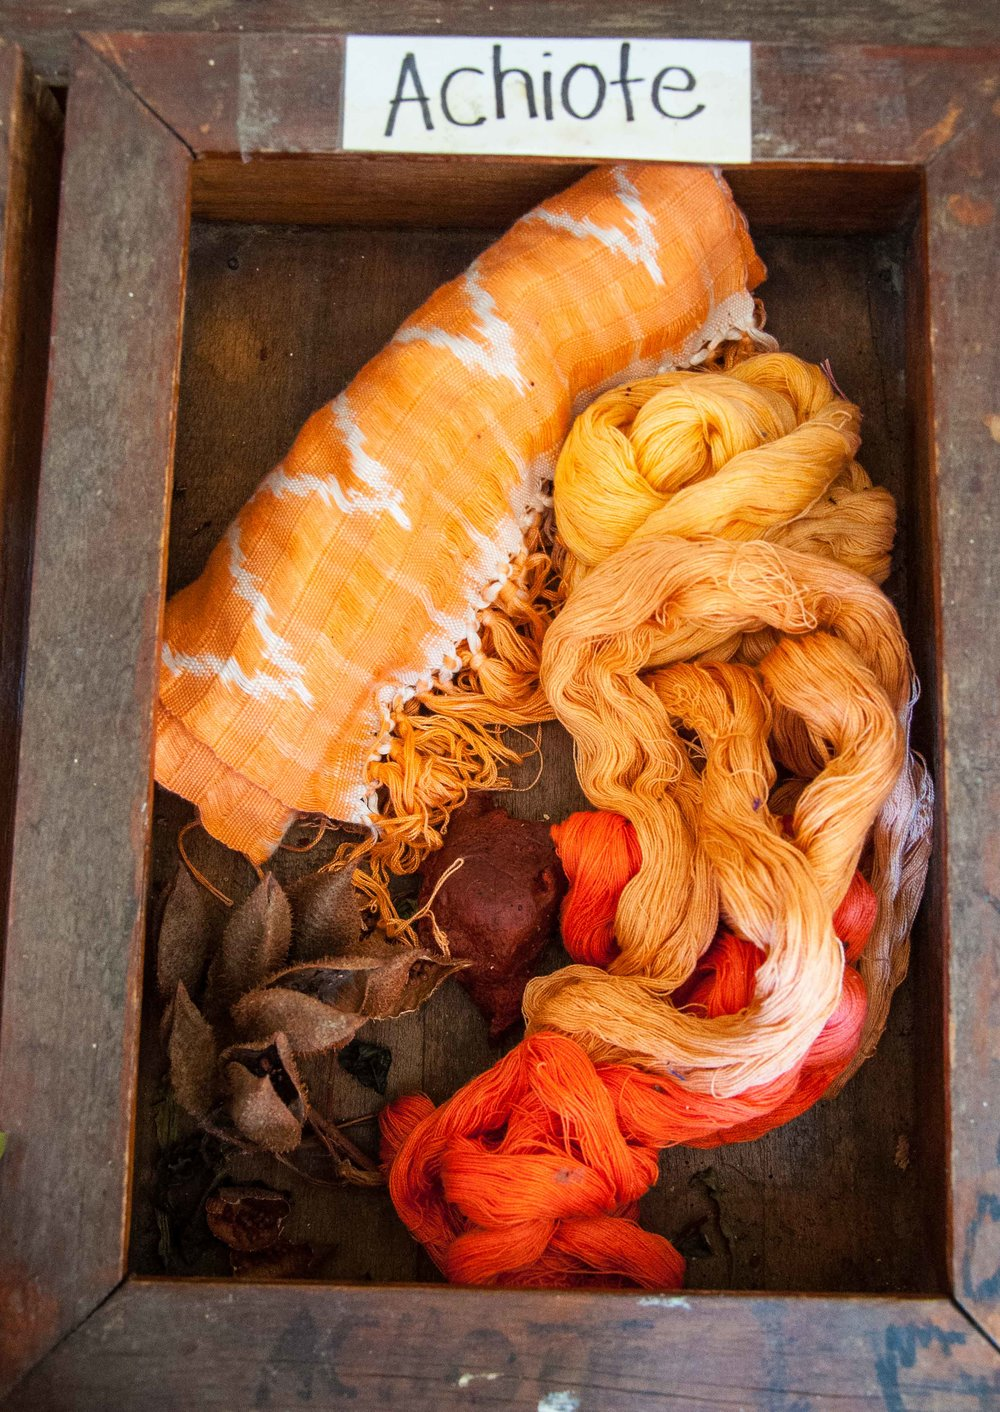 dye-tray-achiote-0864.jpg